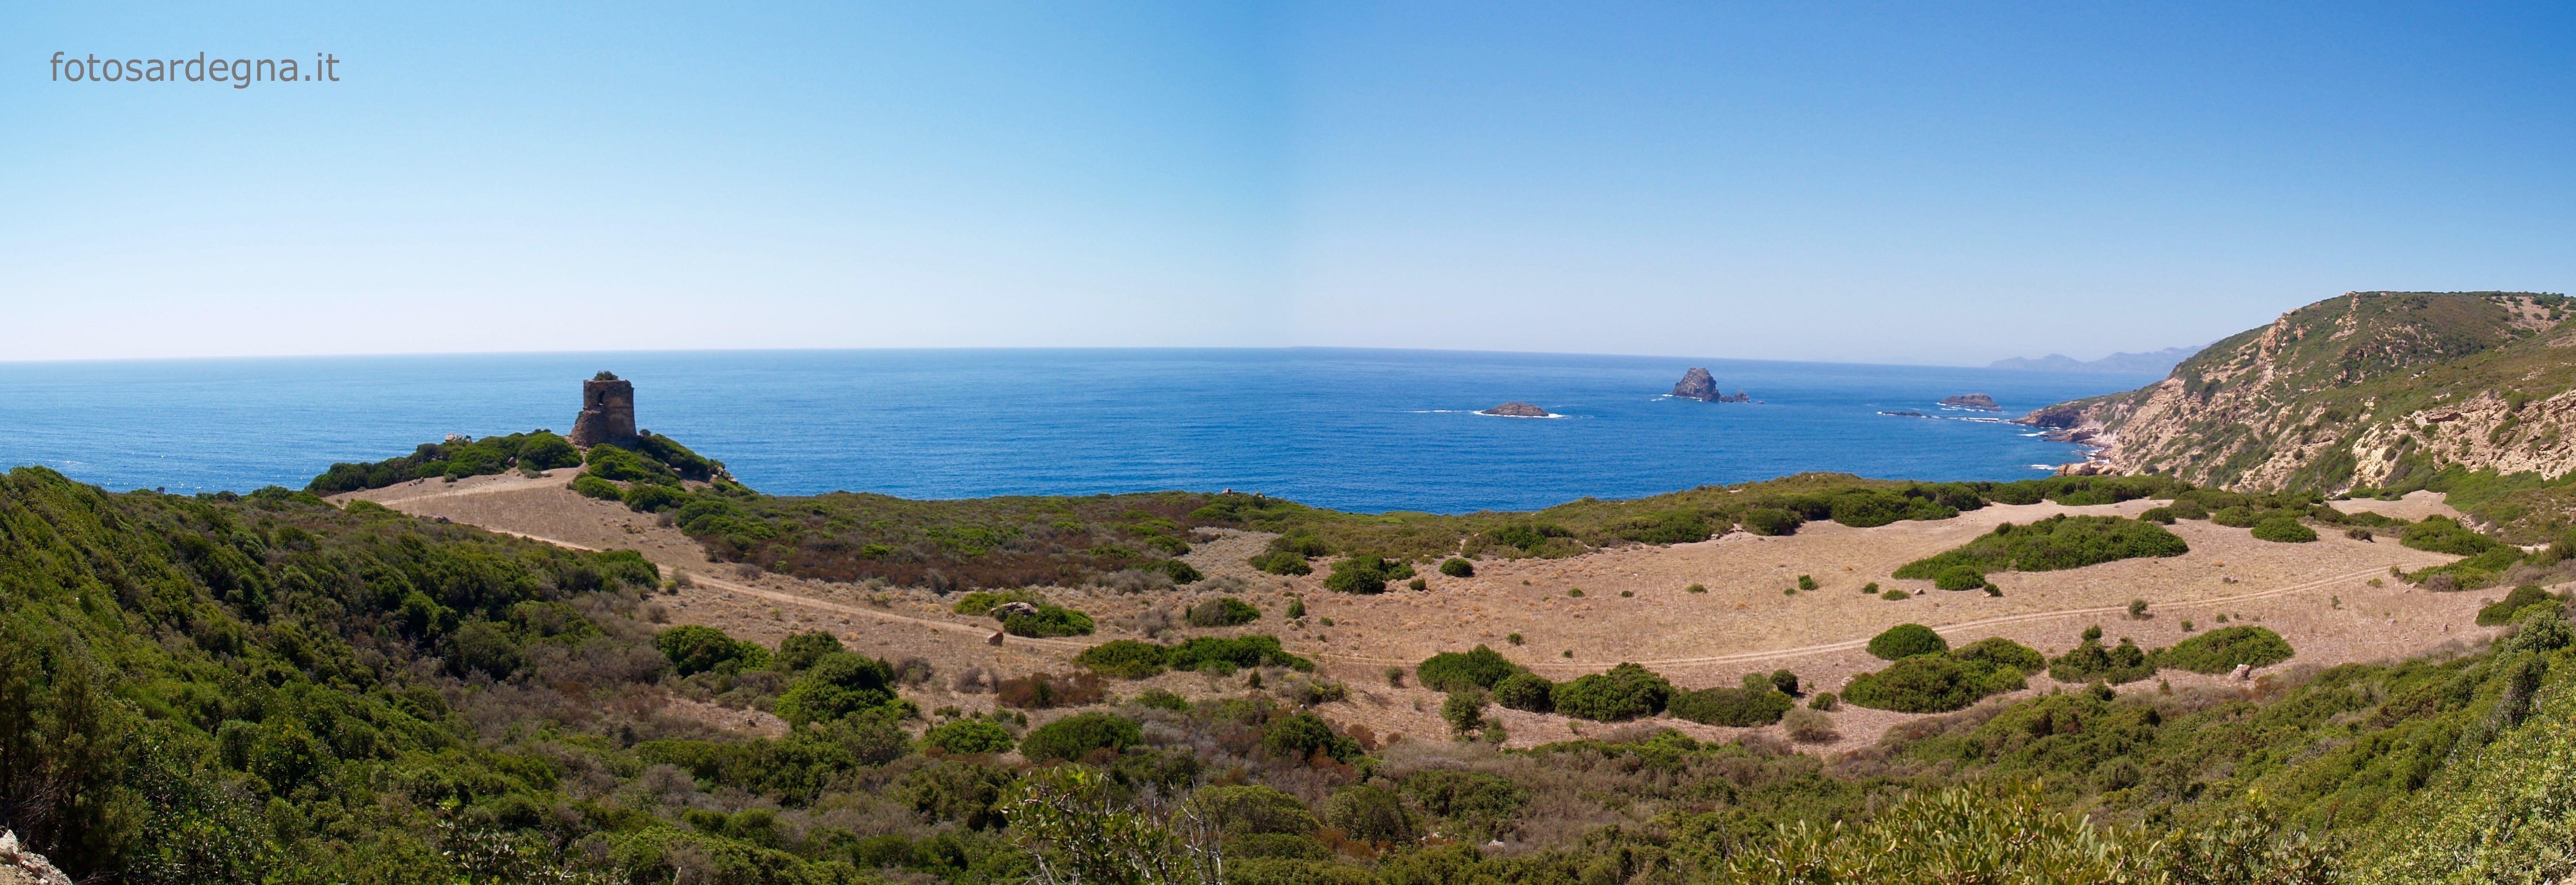 La Torre di Ischia Ruggia e la vista sugli scogli Corona NIedda.